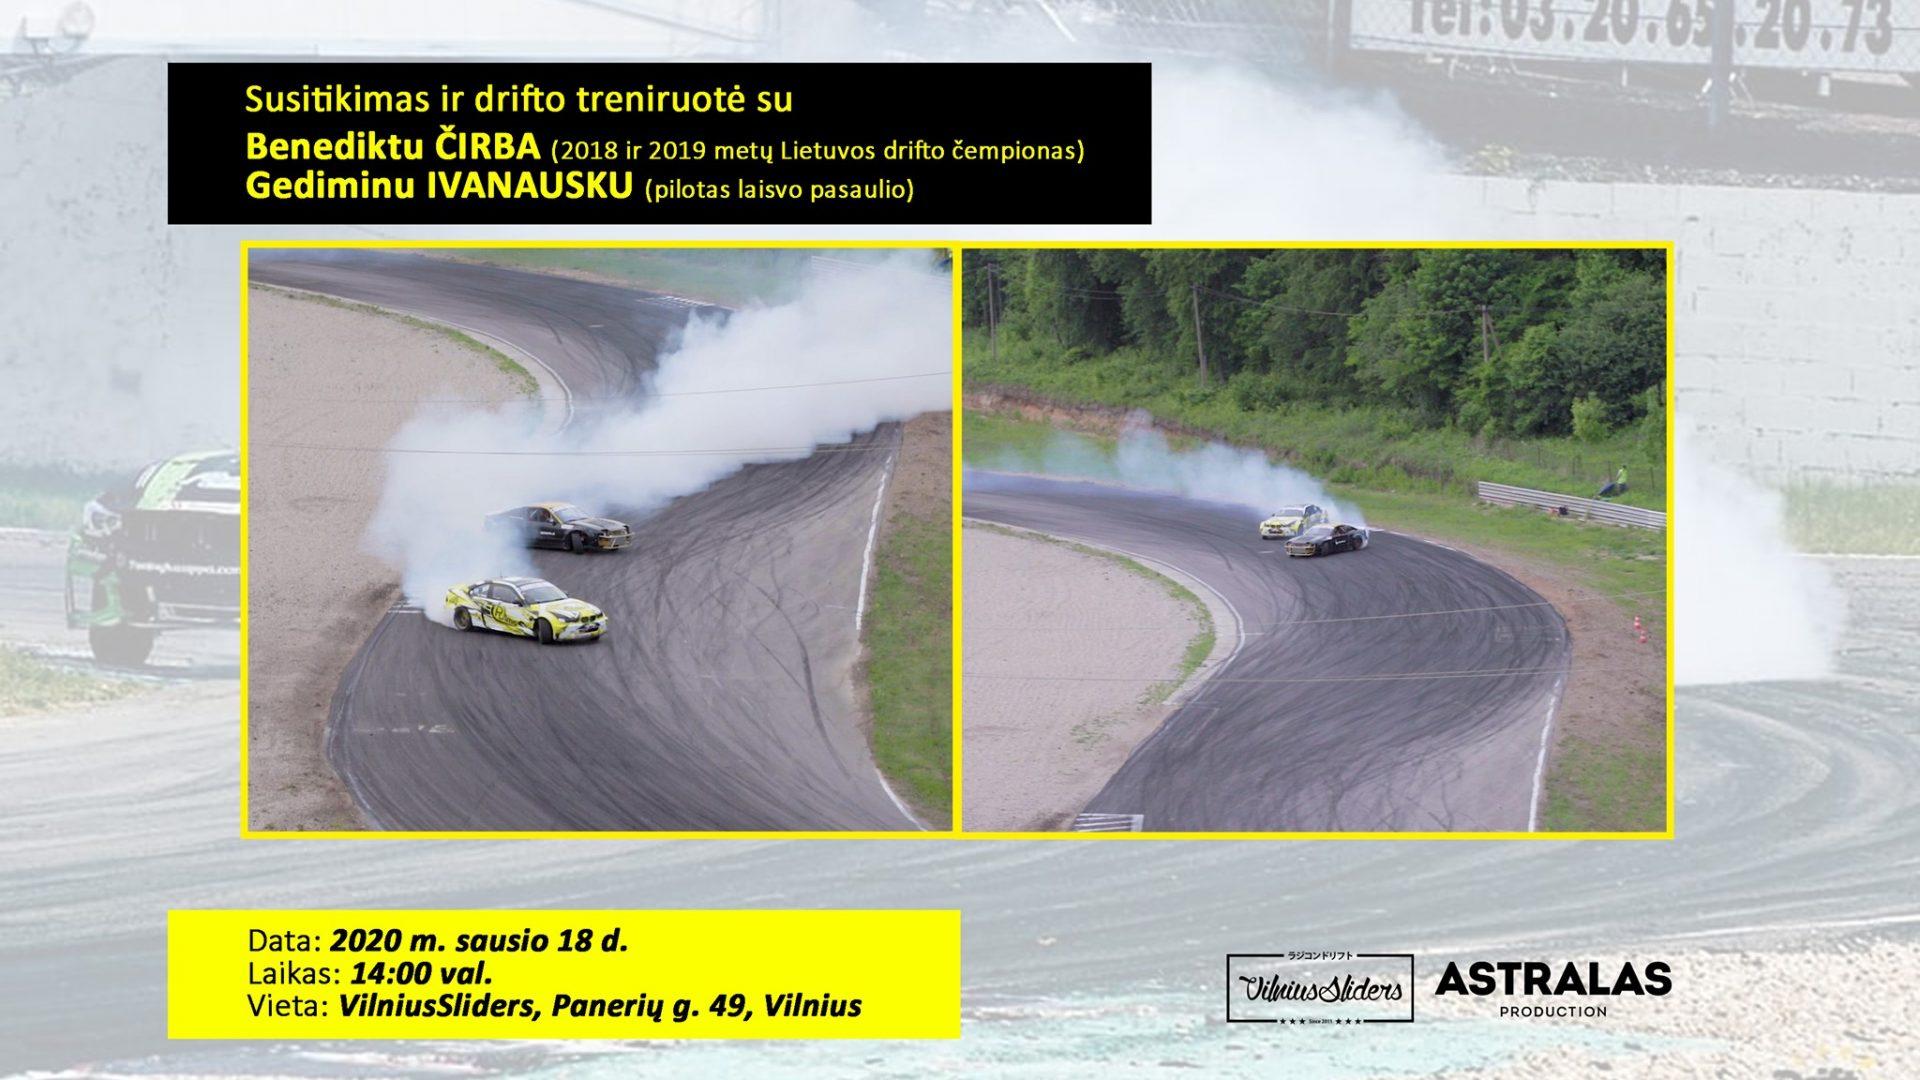 Susitikimas ir rc drifto treniruotė su B. Čirba ir G. Ivanausku